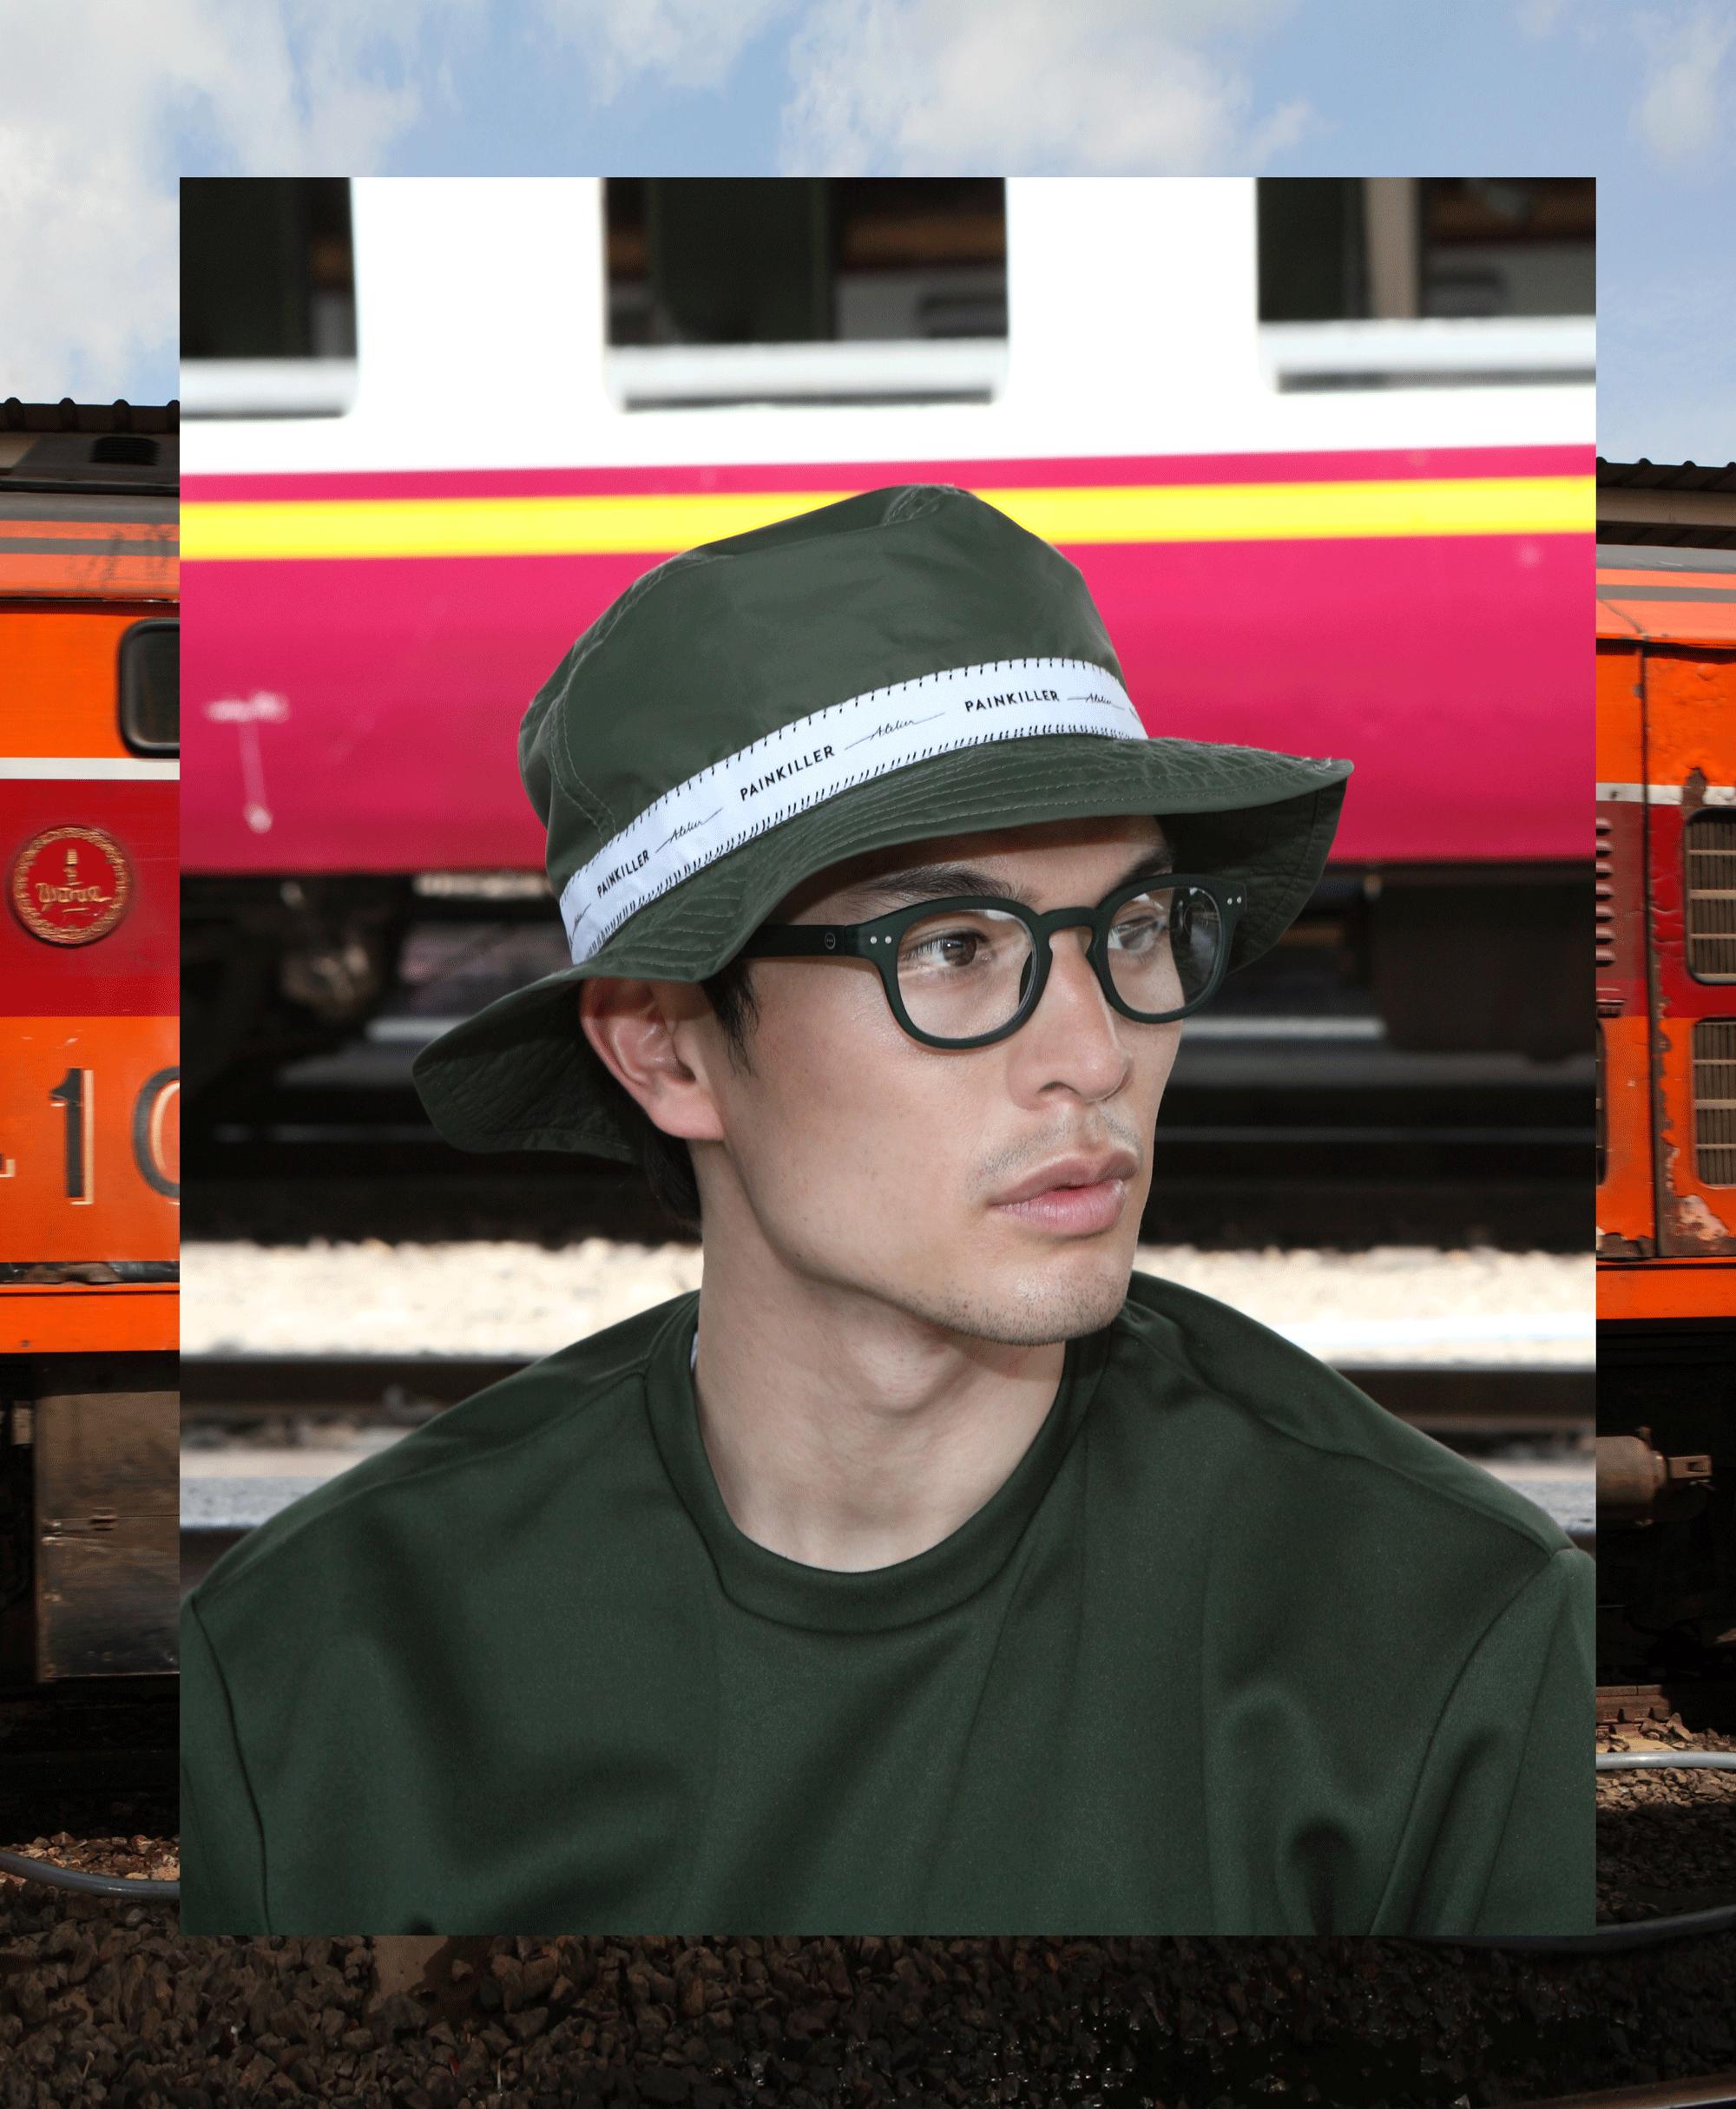 clothes & hat : PAINKILLER / eyeglasses : IZIPIZI